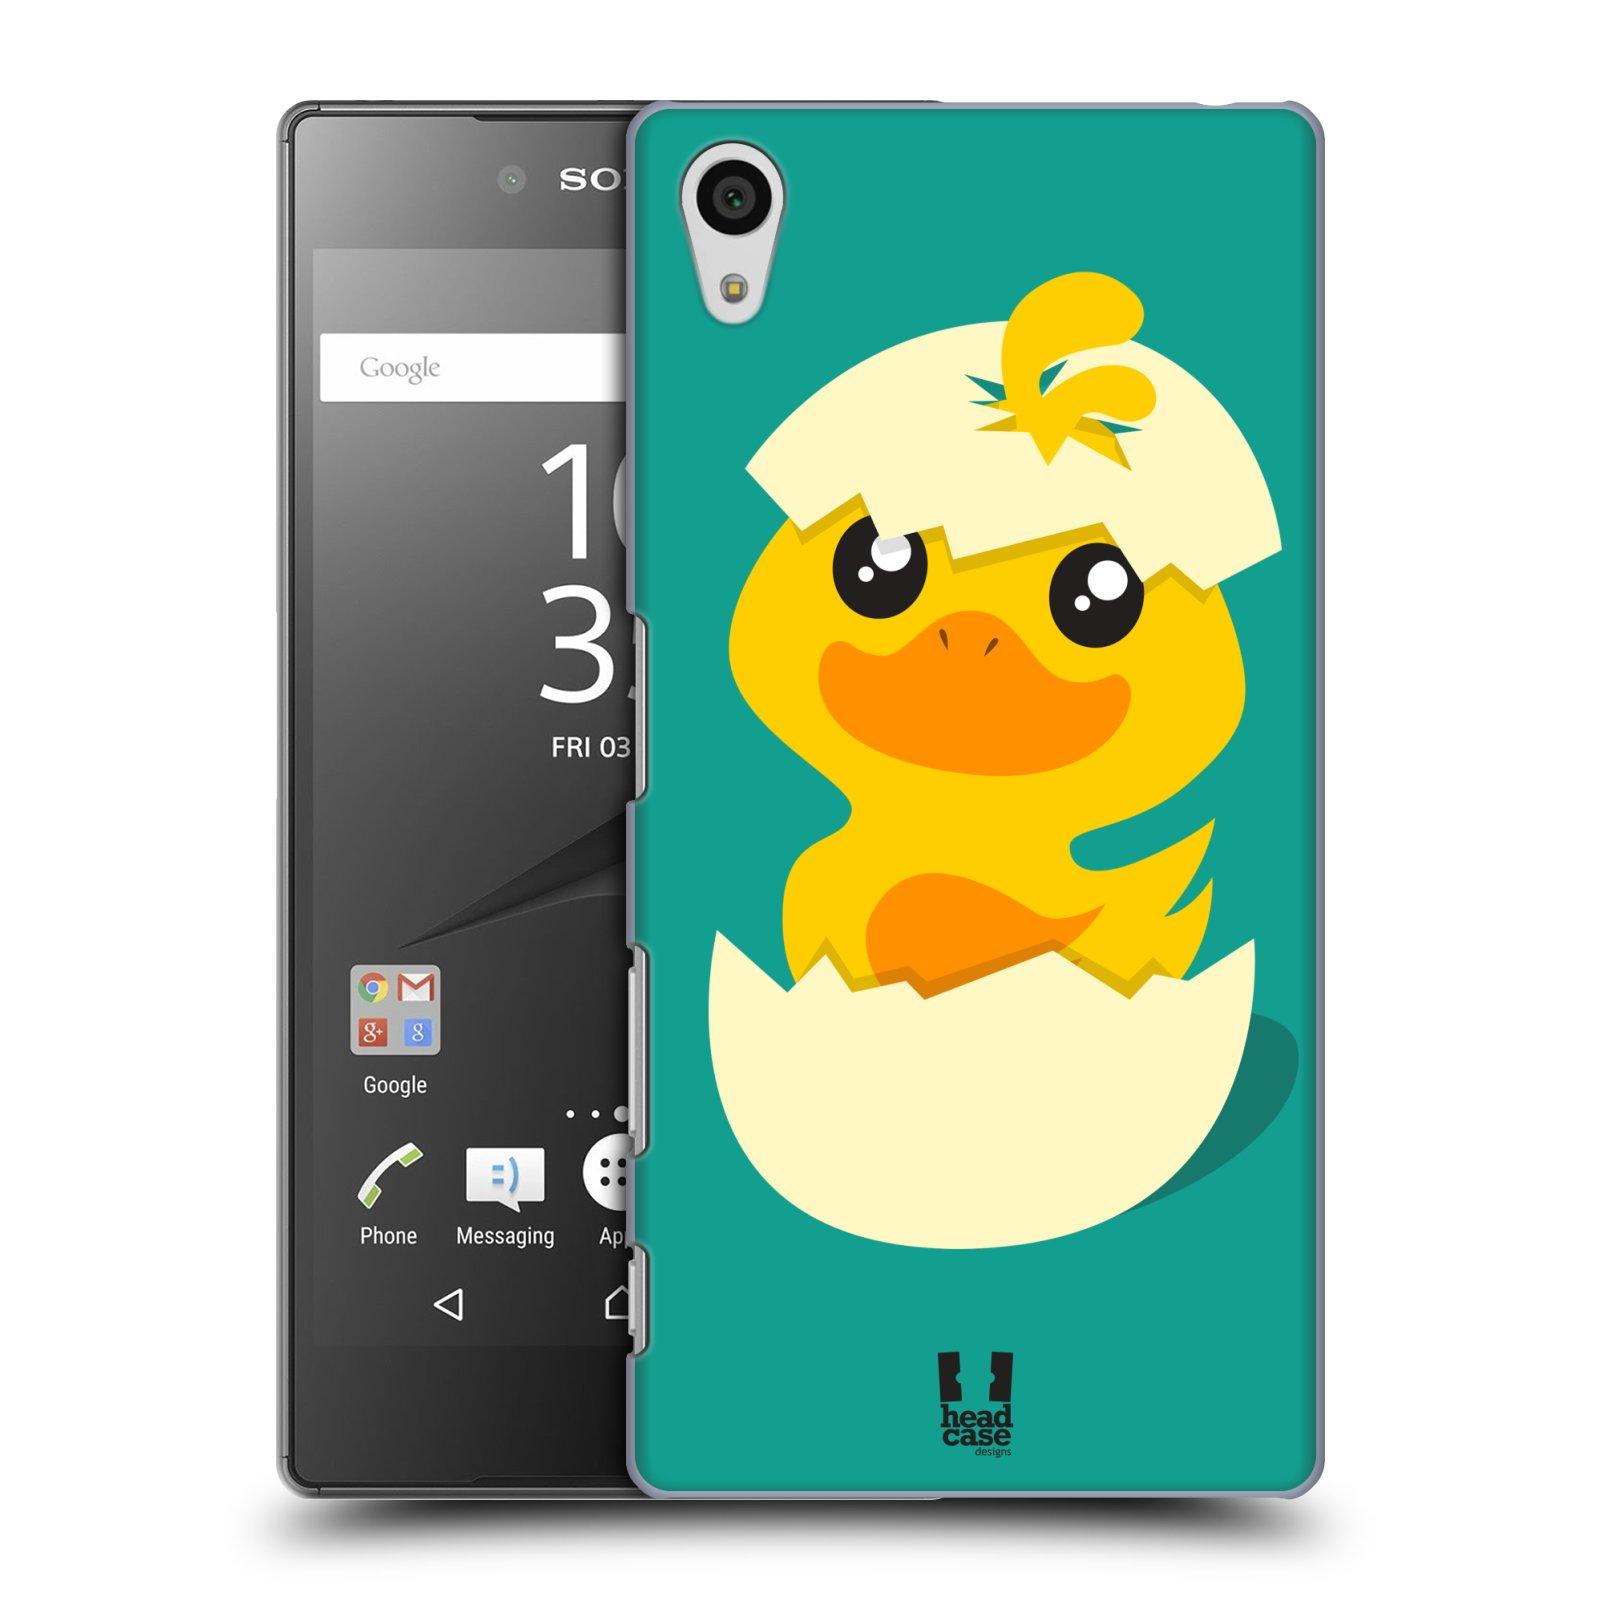 Plastové pouzdro na mobil Sony Xperia Z5 HEAD CASE KACHNIČKA Z VAJÍČKA (Kryt či obal na mobilní telefon Sony Xperia Z5 E6653)